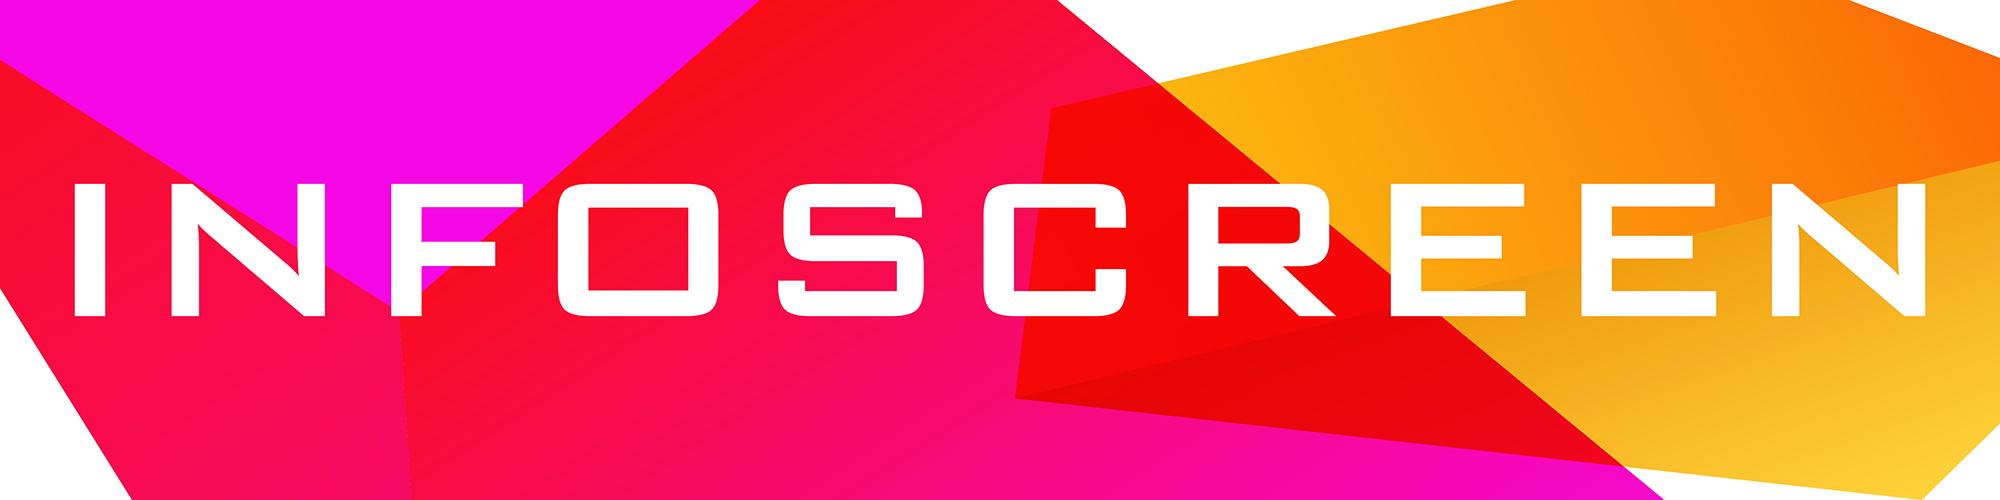 Infoscreen Austria Gesellschaft für Stadtinformationsanlagen GmbH